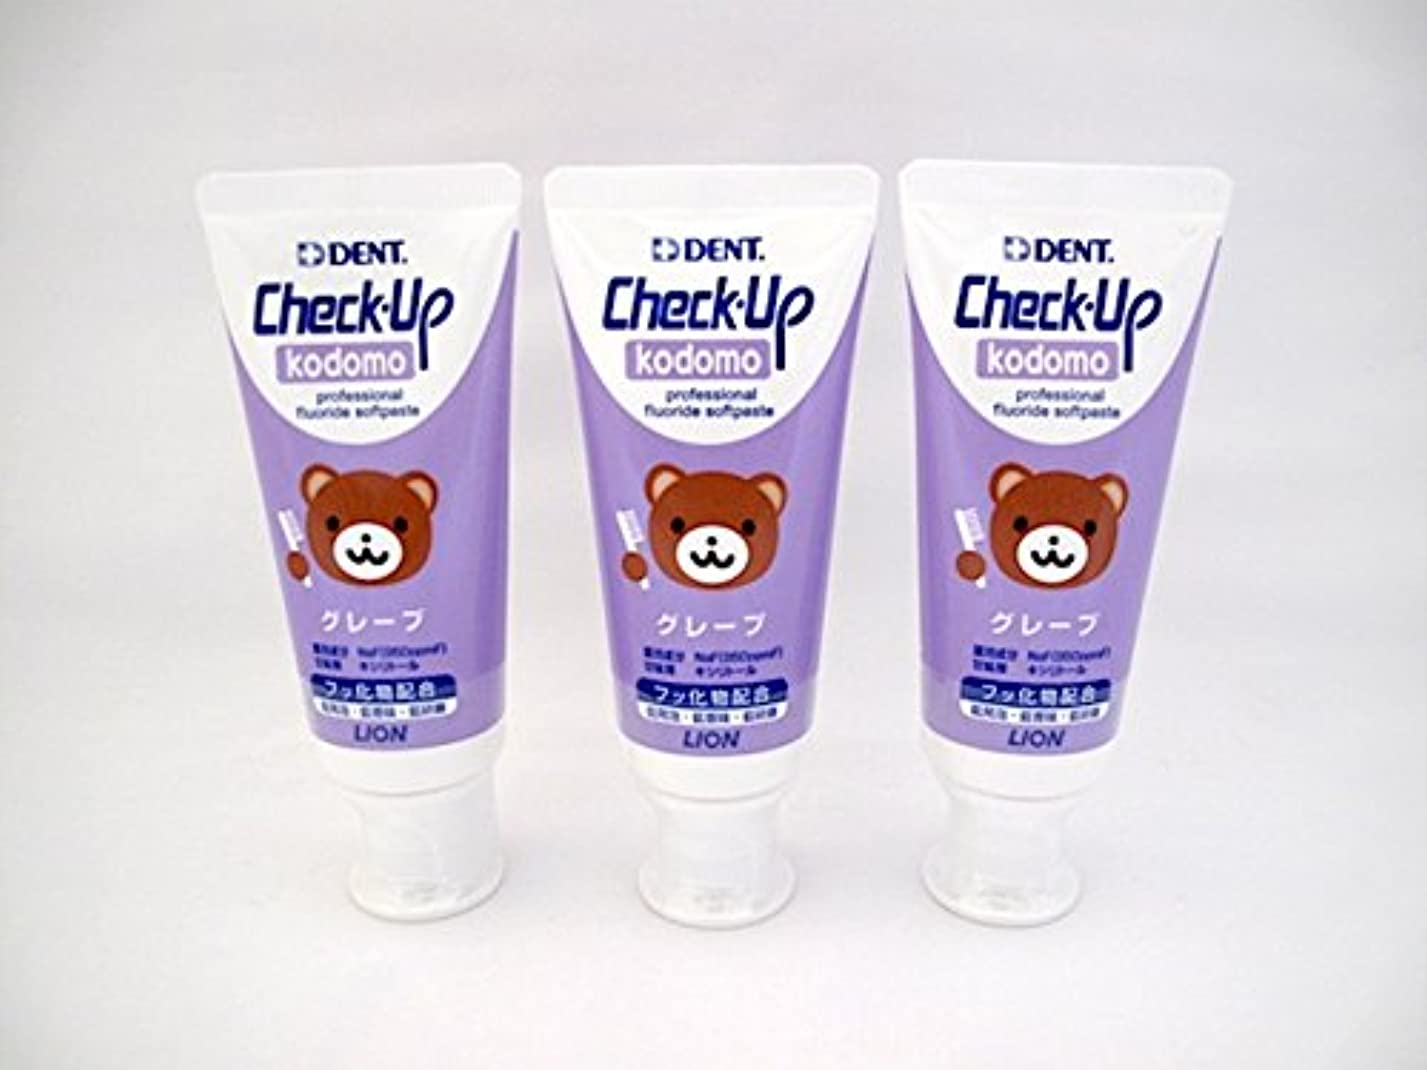 立証するあいまいさシャイニング歯科専用 ライオン DENT チェックアップコドモ kodomo グレープ 3本セット 医薬部外品